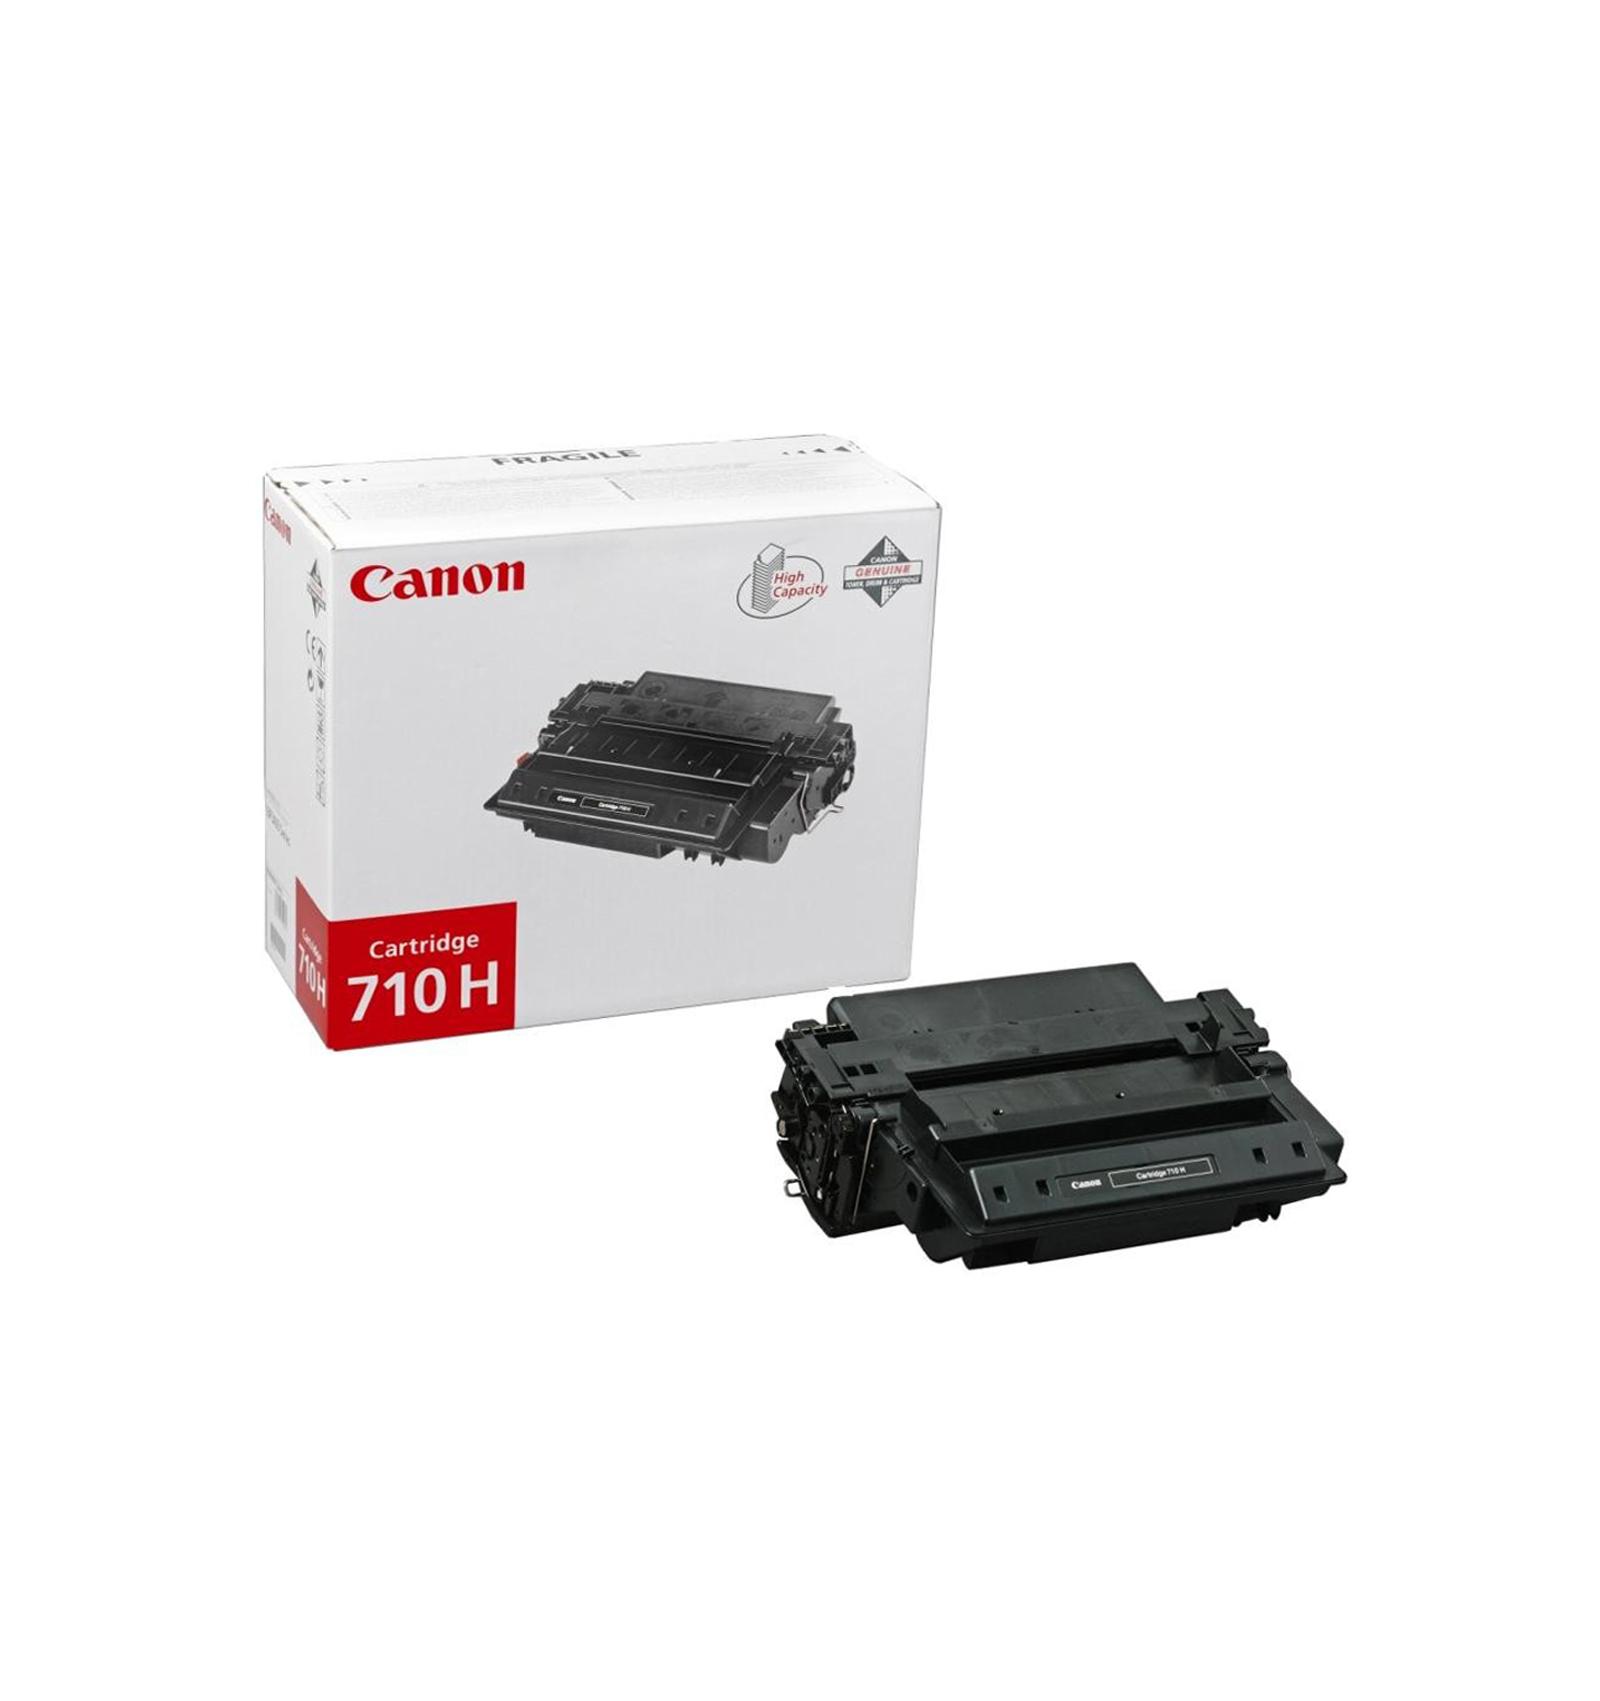 Заправка тонером картриджа Canon 710h для LBP-3460